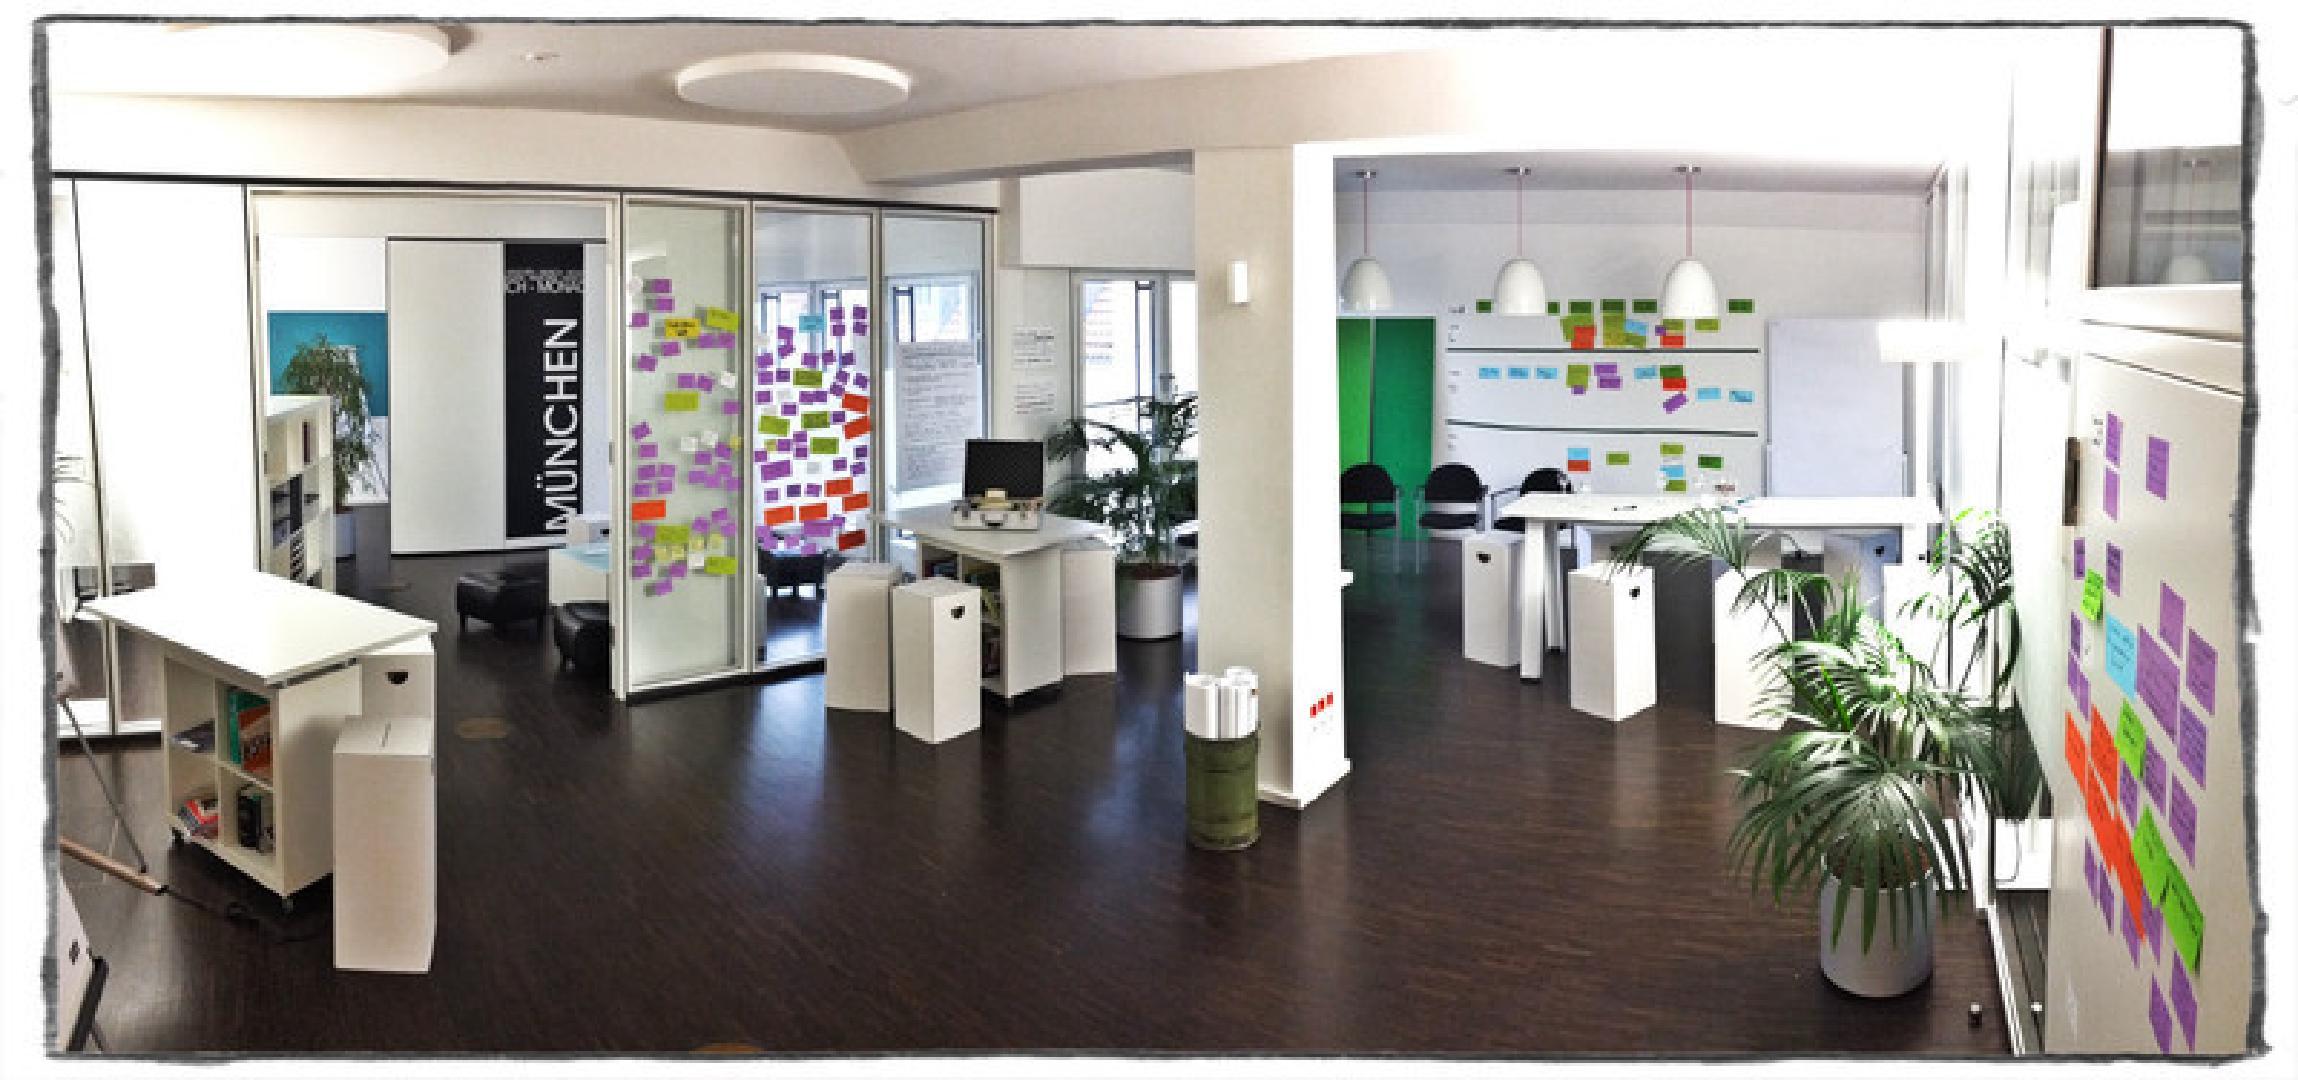 Bild 3 von allynet GmbH